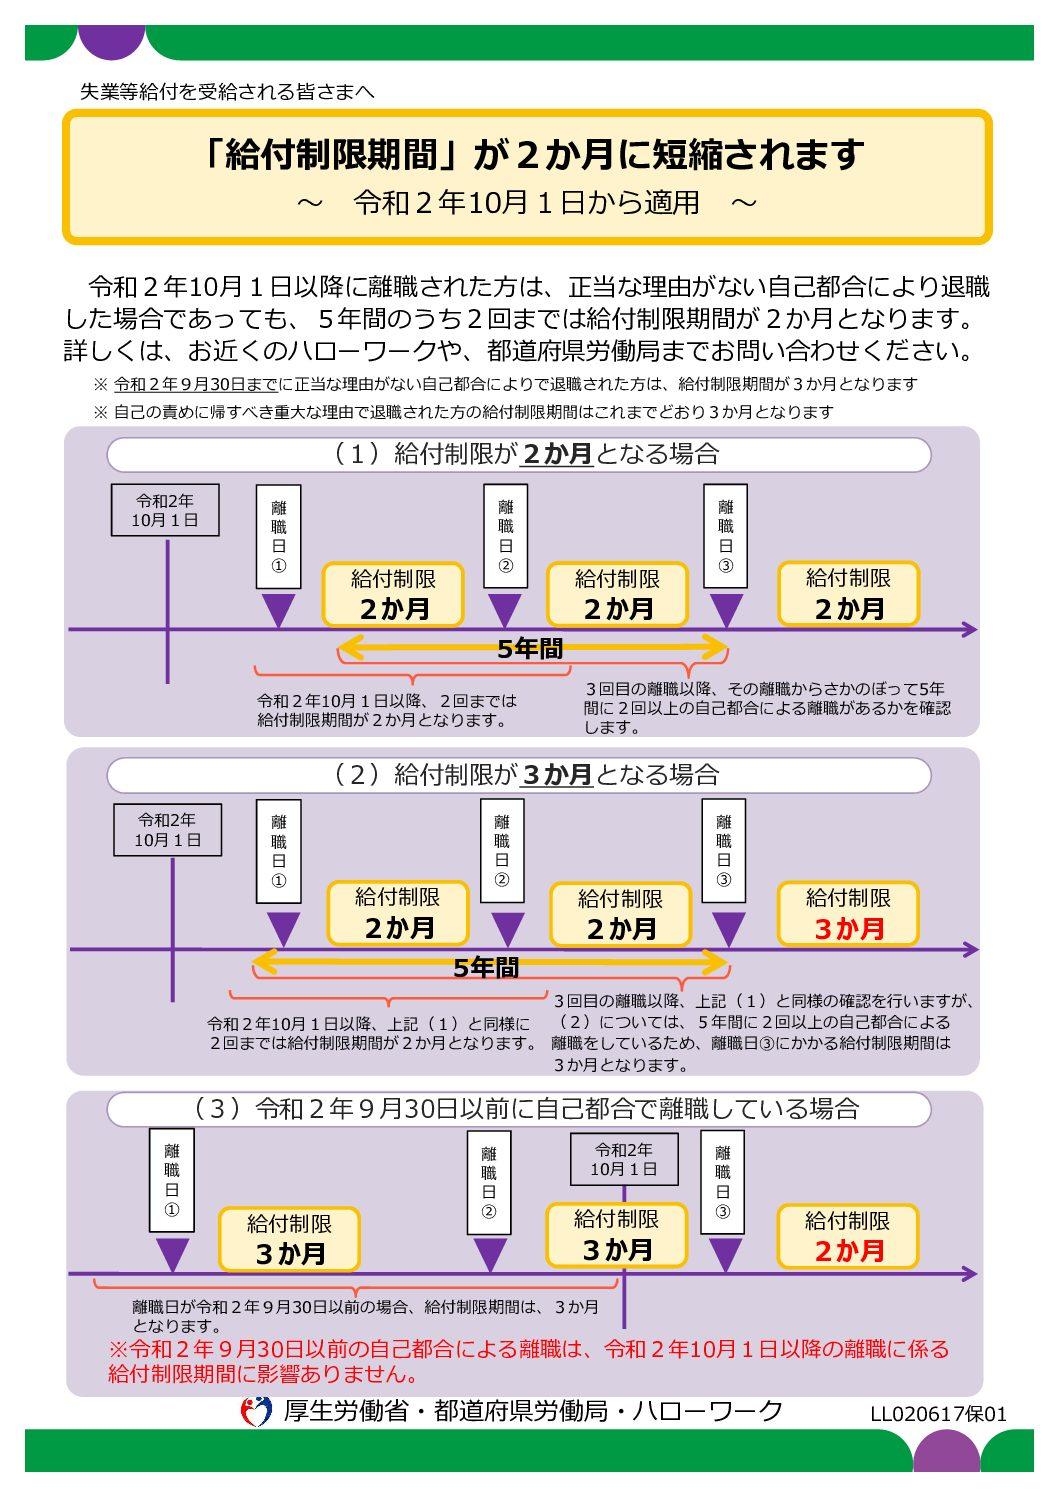 失業等給付の給付制限期間が3か月→2か月へ【令和2年10月1日から】